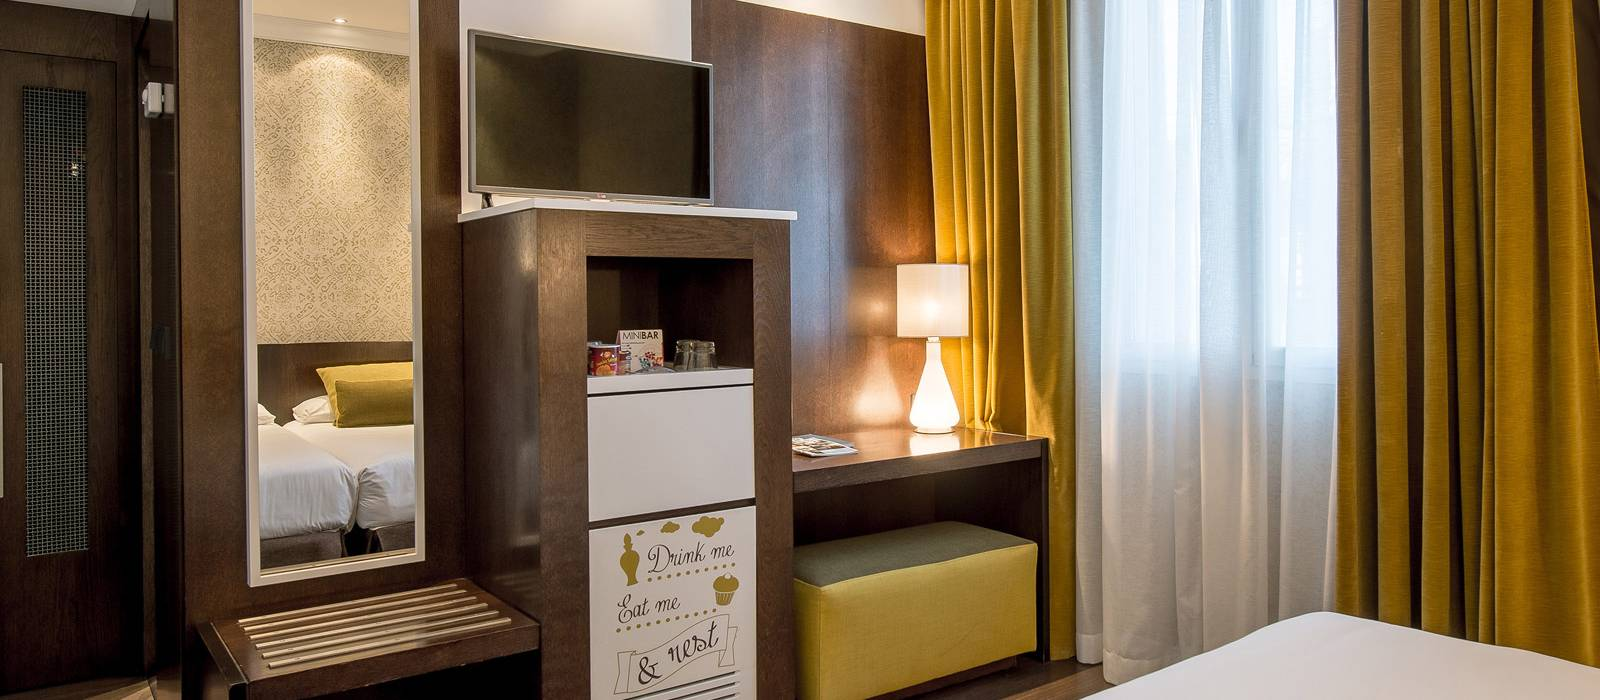 Vincci Doppelzimmer - Vincci Centrum 4*